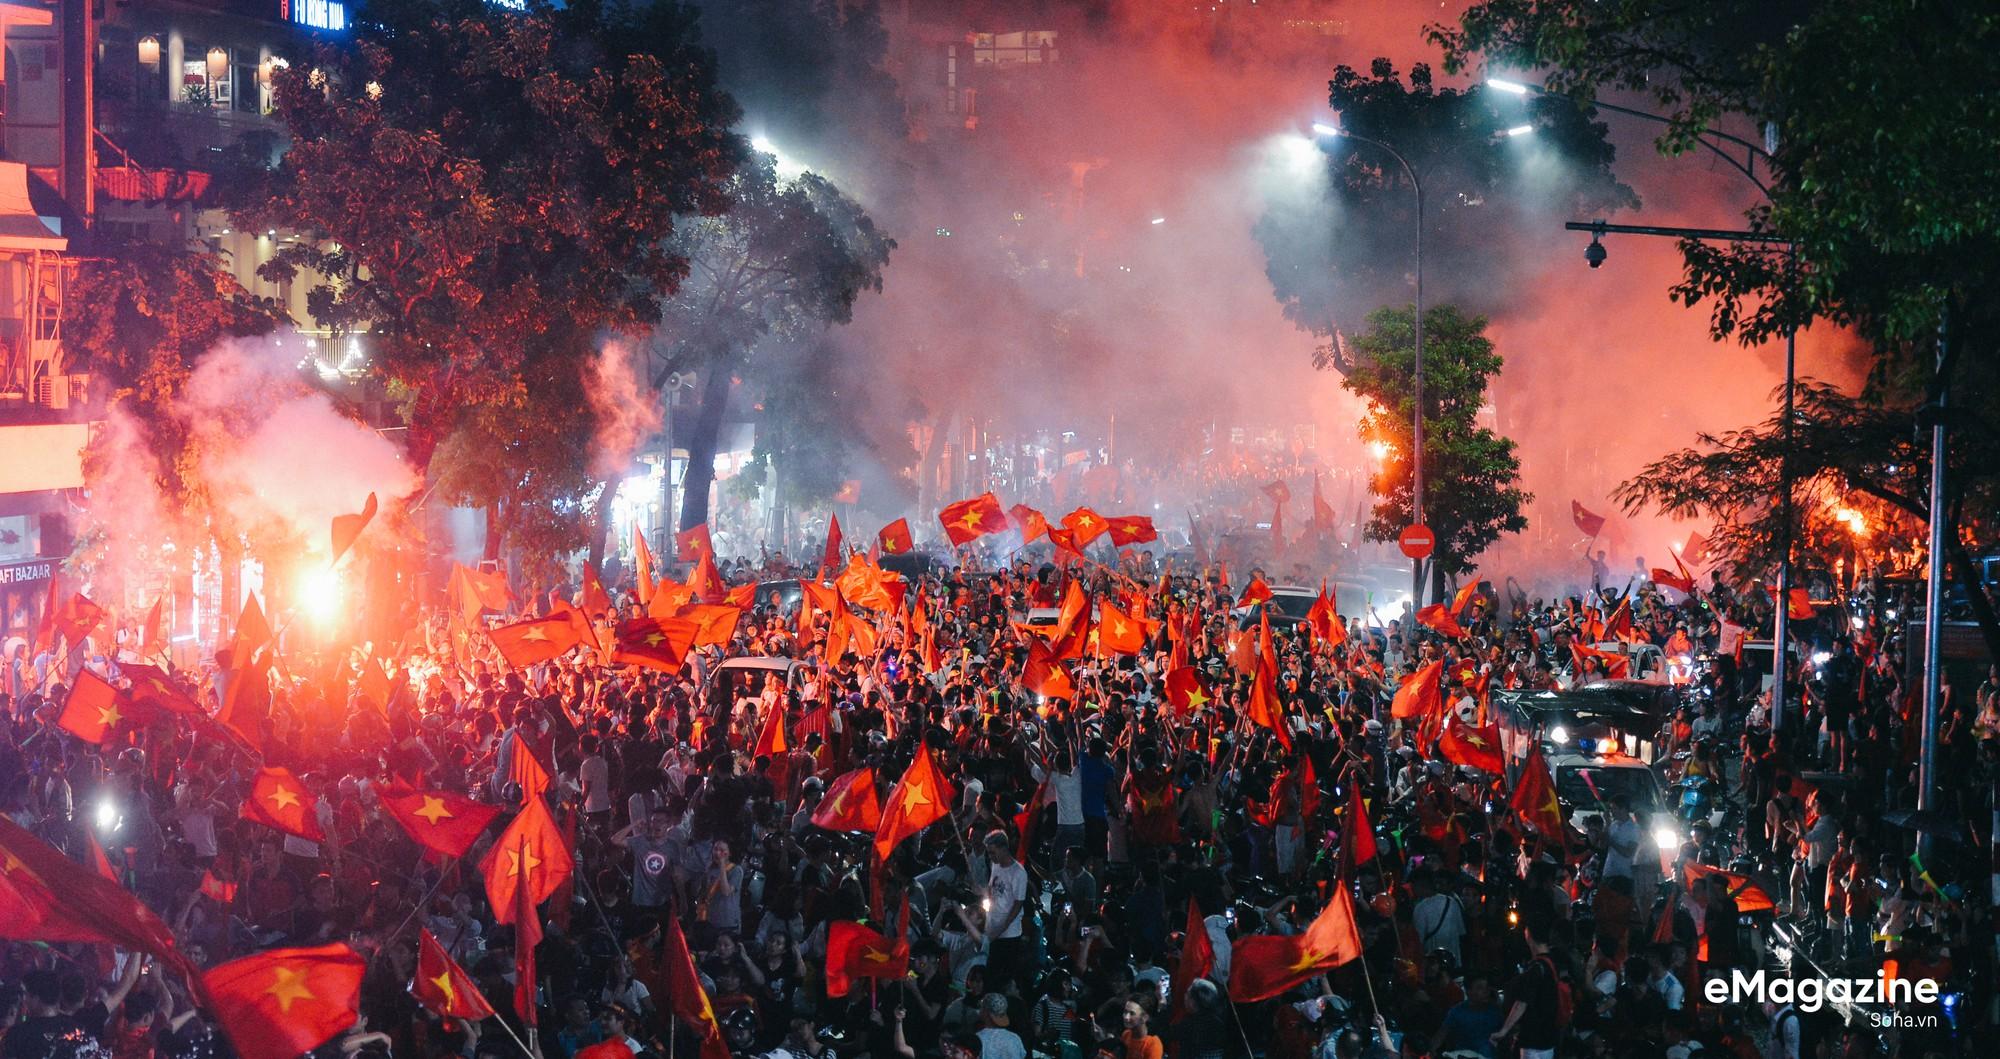 Trong kỳ tích của bóng đá Việt Nam, có một tình yêu xuyên bão giông thắp lên niềm tin bất diệt - Ảnh 11.